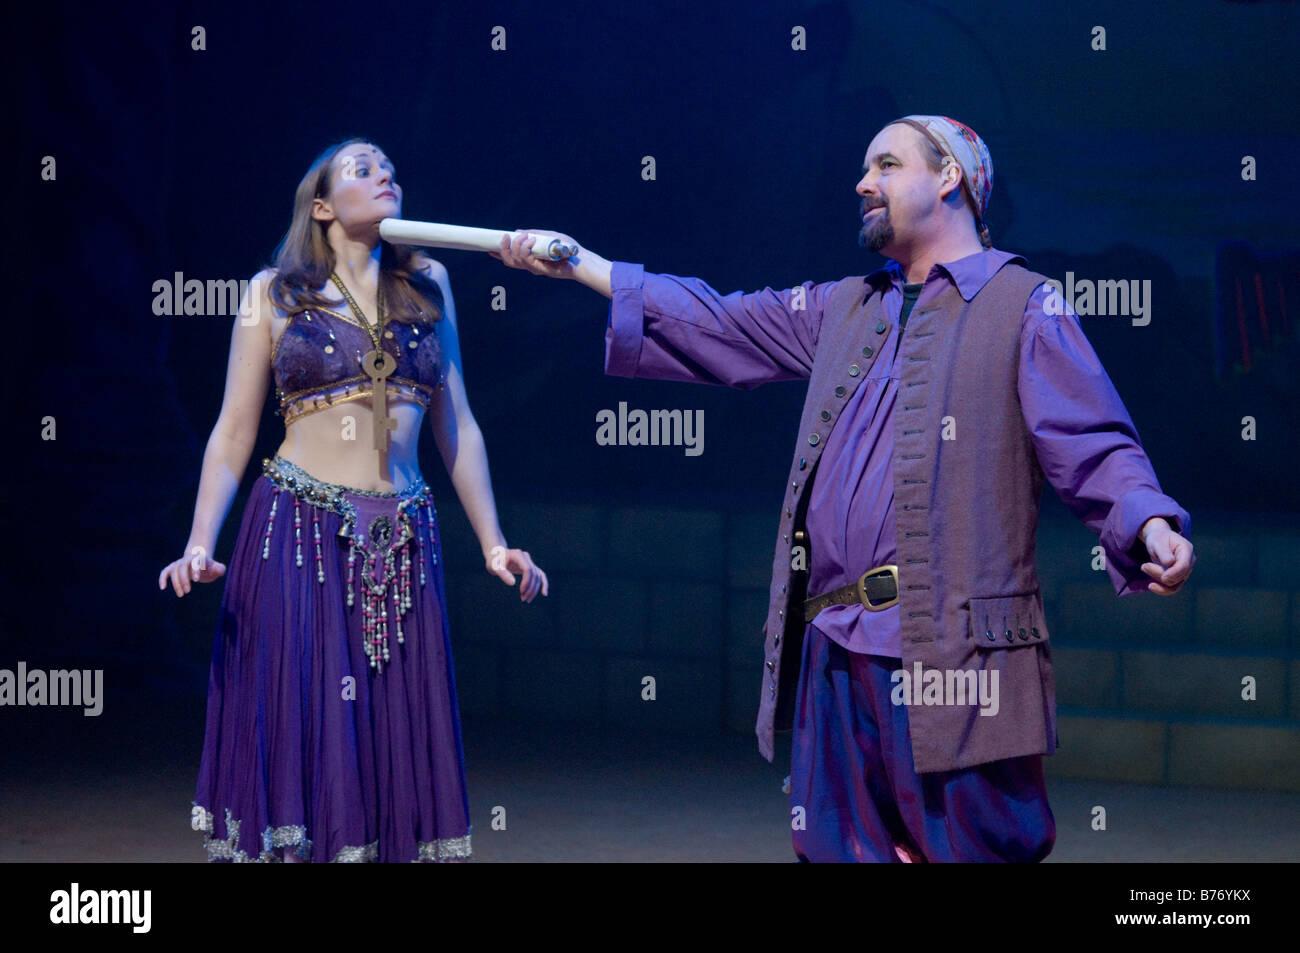 Dos actores en una compañía de teatro amateur realiza Simbad el Marino pantomima Aberystwyth Arts Center de enero de 2009 Foto de stock